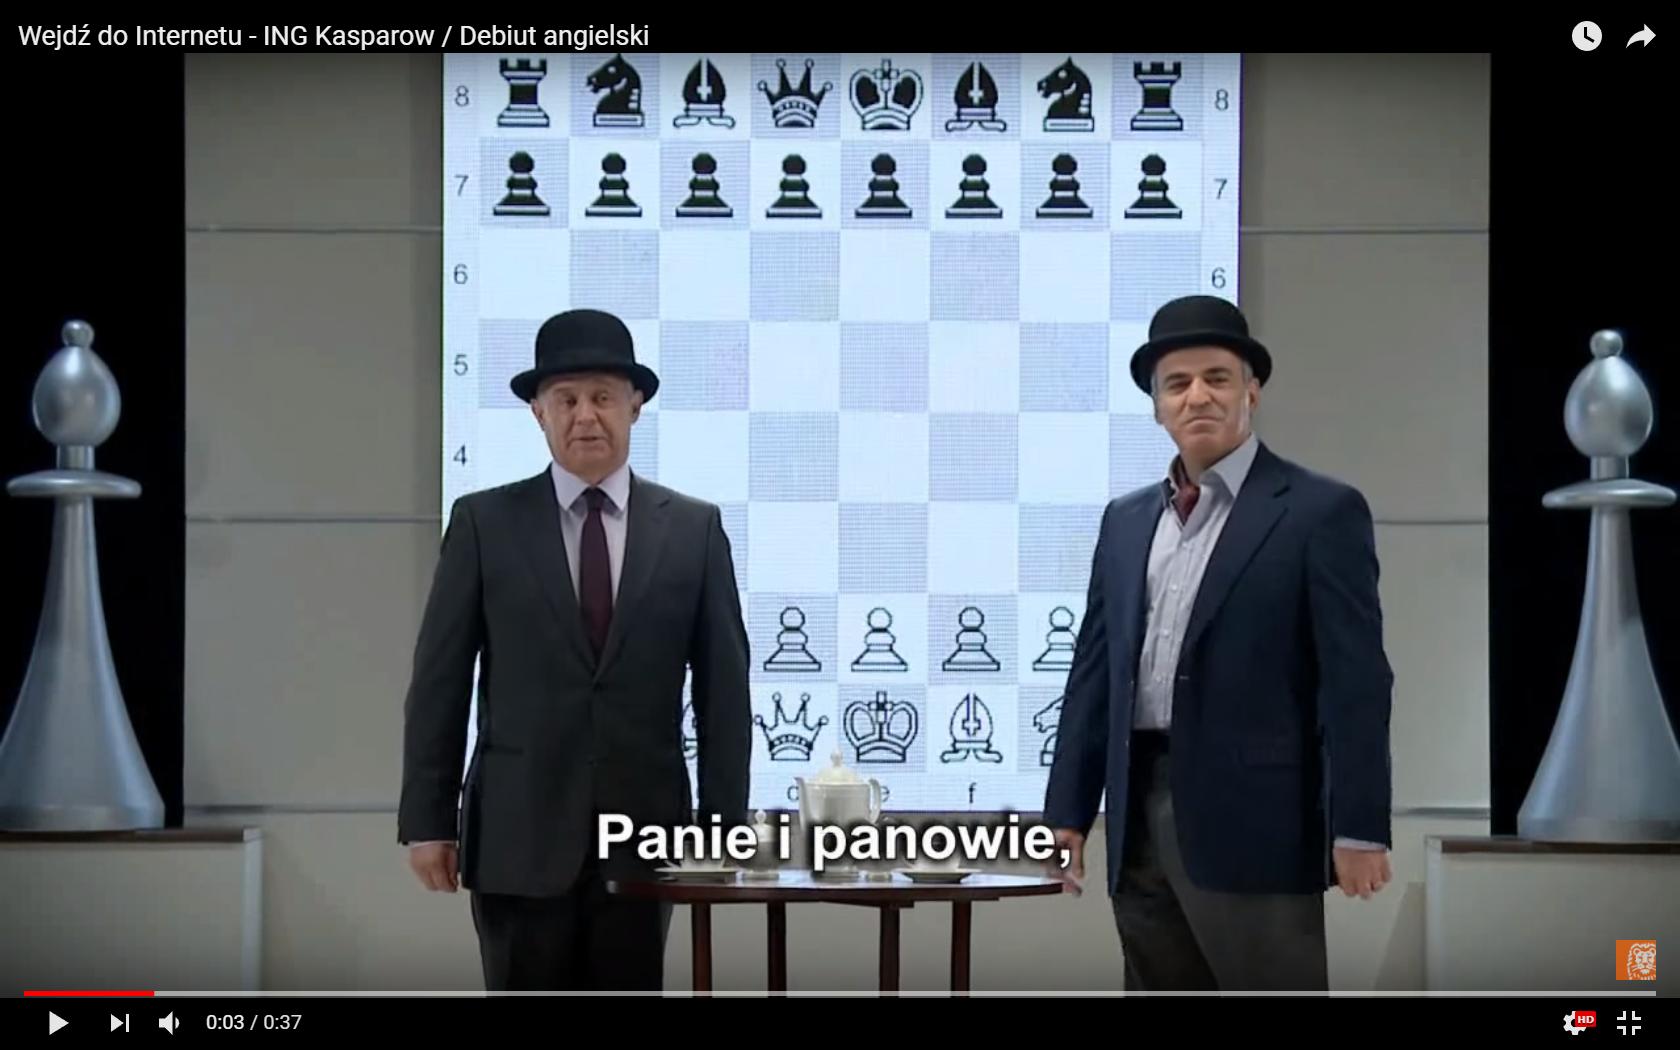 ING Kasparov